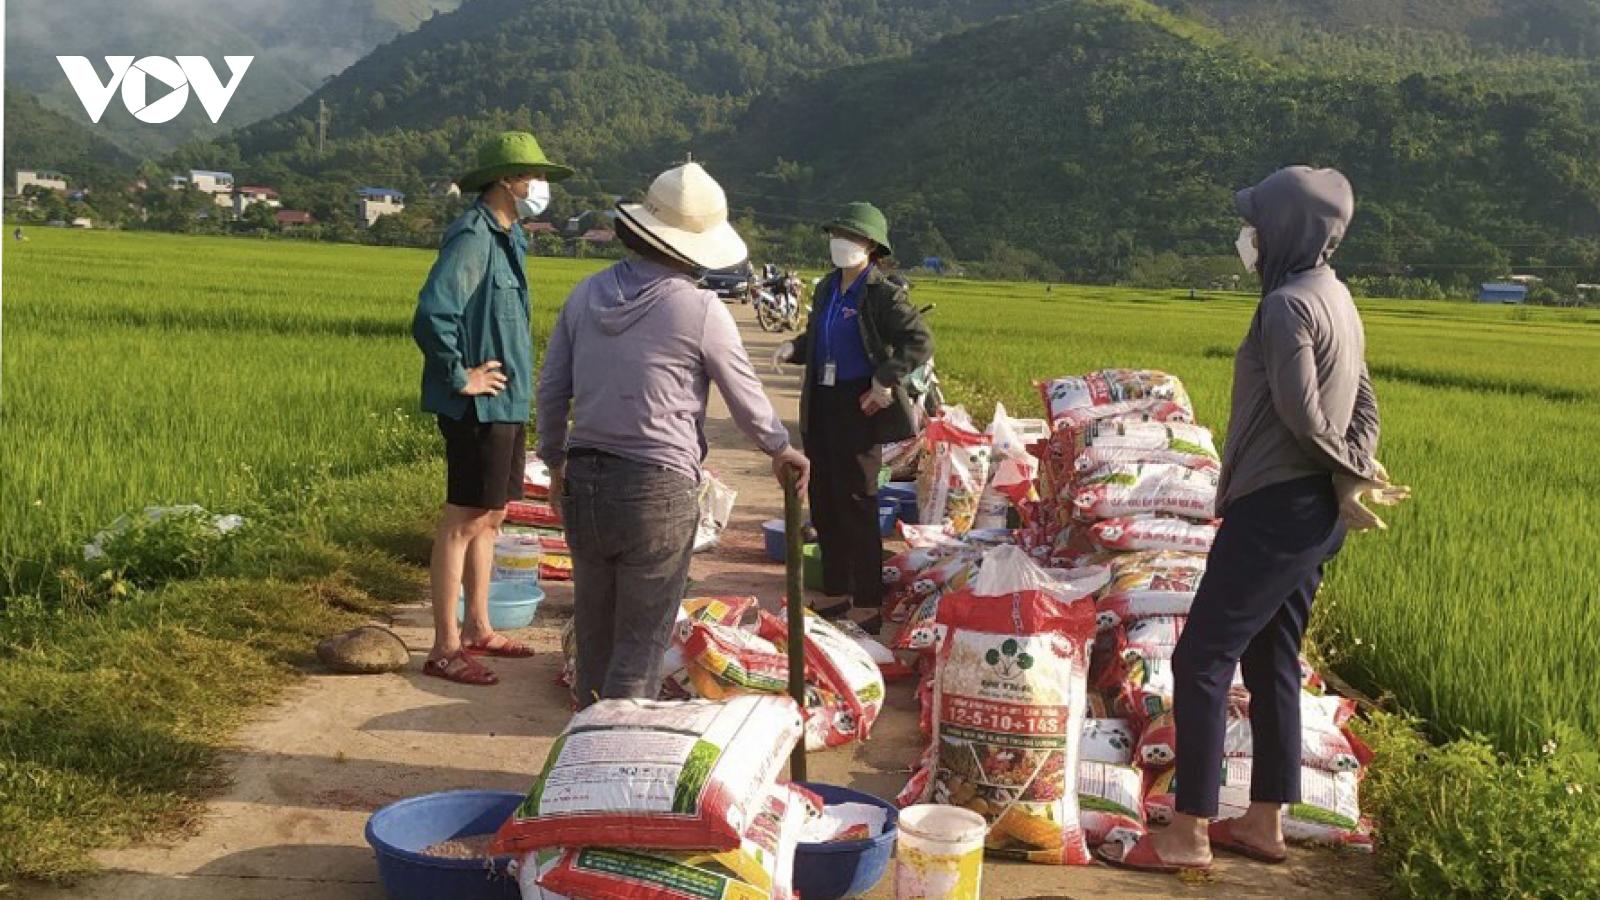 Lao động tự do ở Sơn La mất việc làm được hỗ trợ 50.000 đồng một ngày